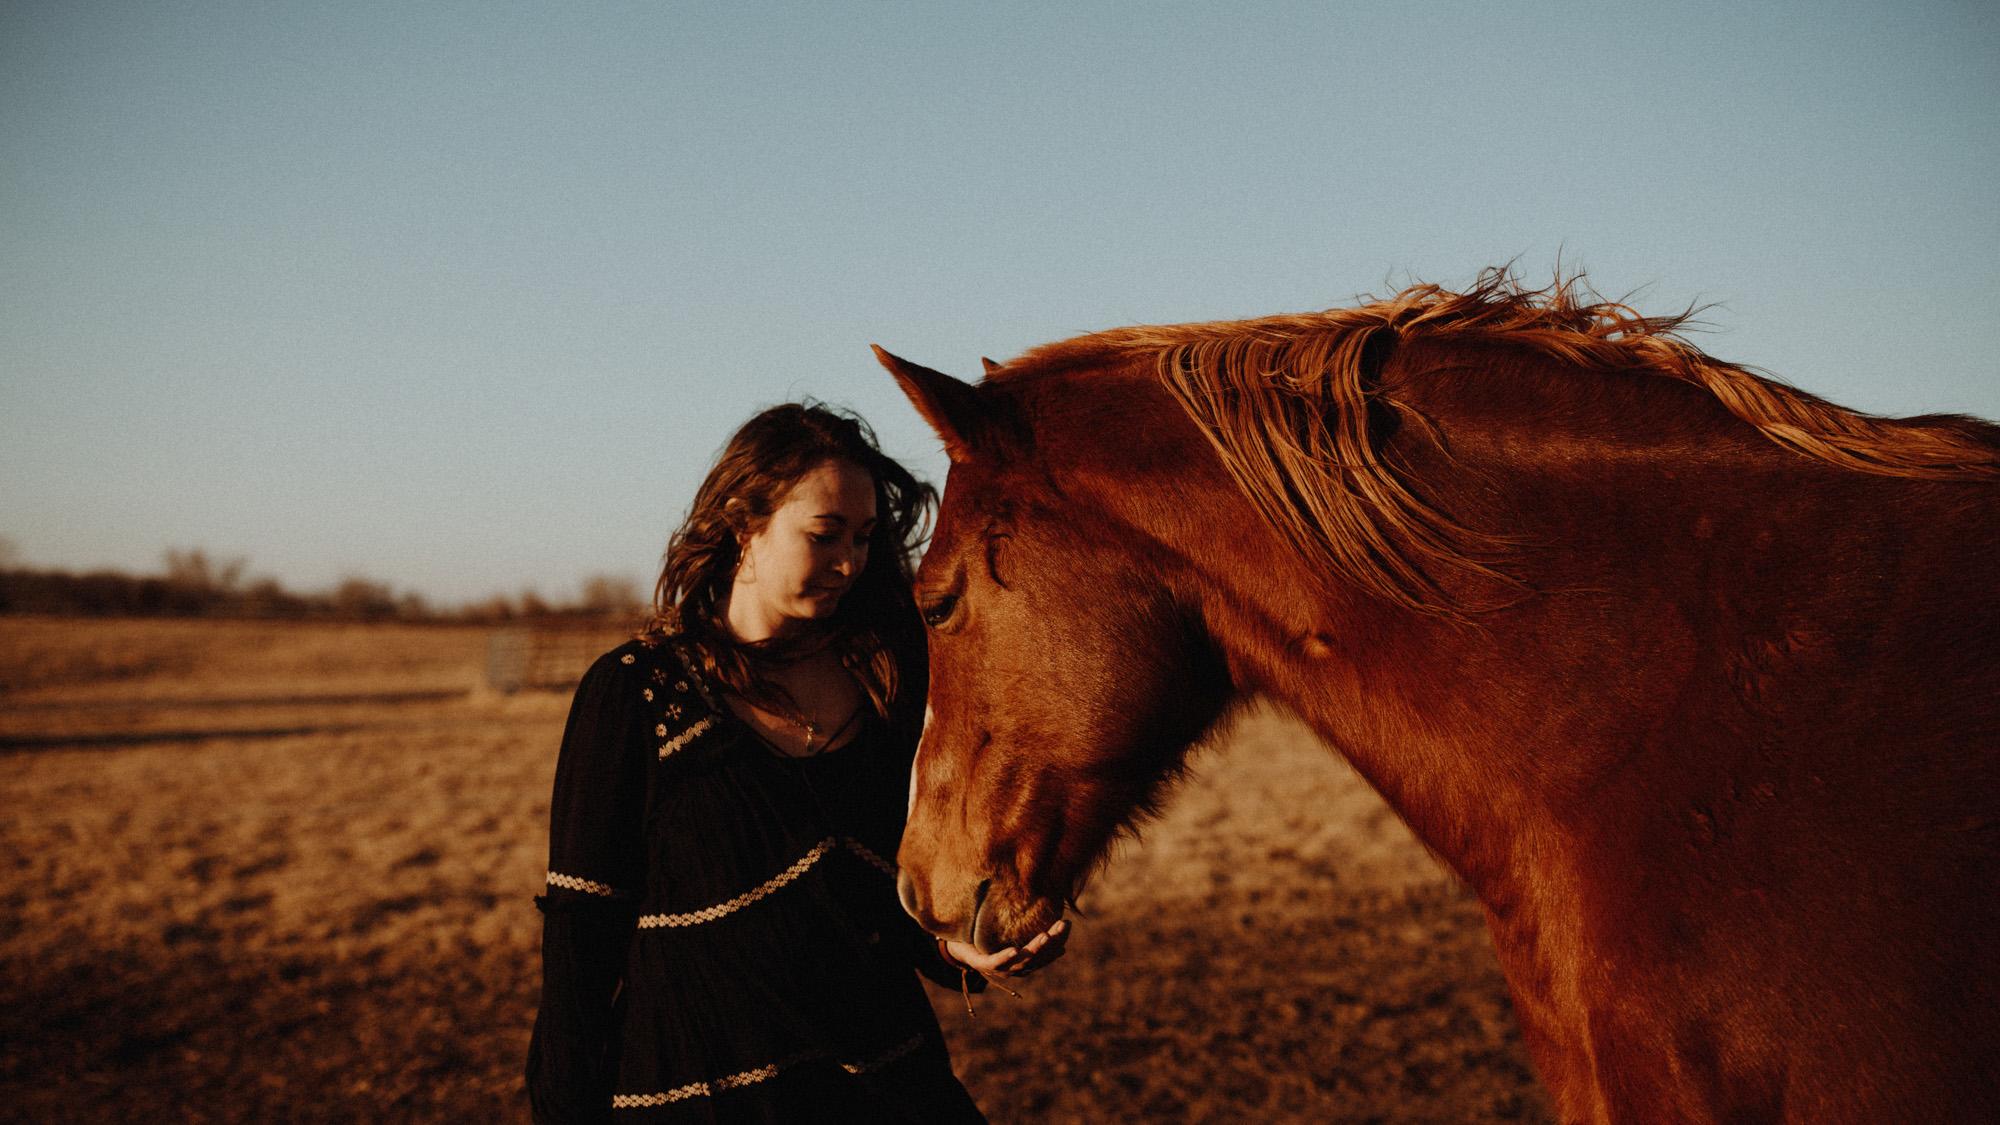 alec_vanderboom_horses_online-0023.jpg